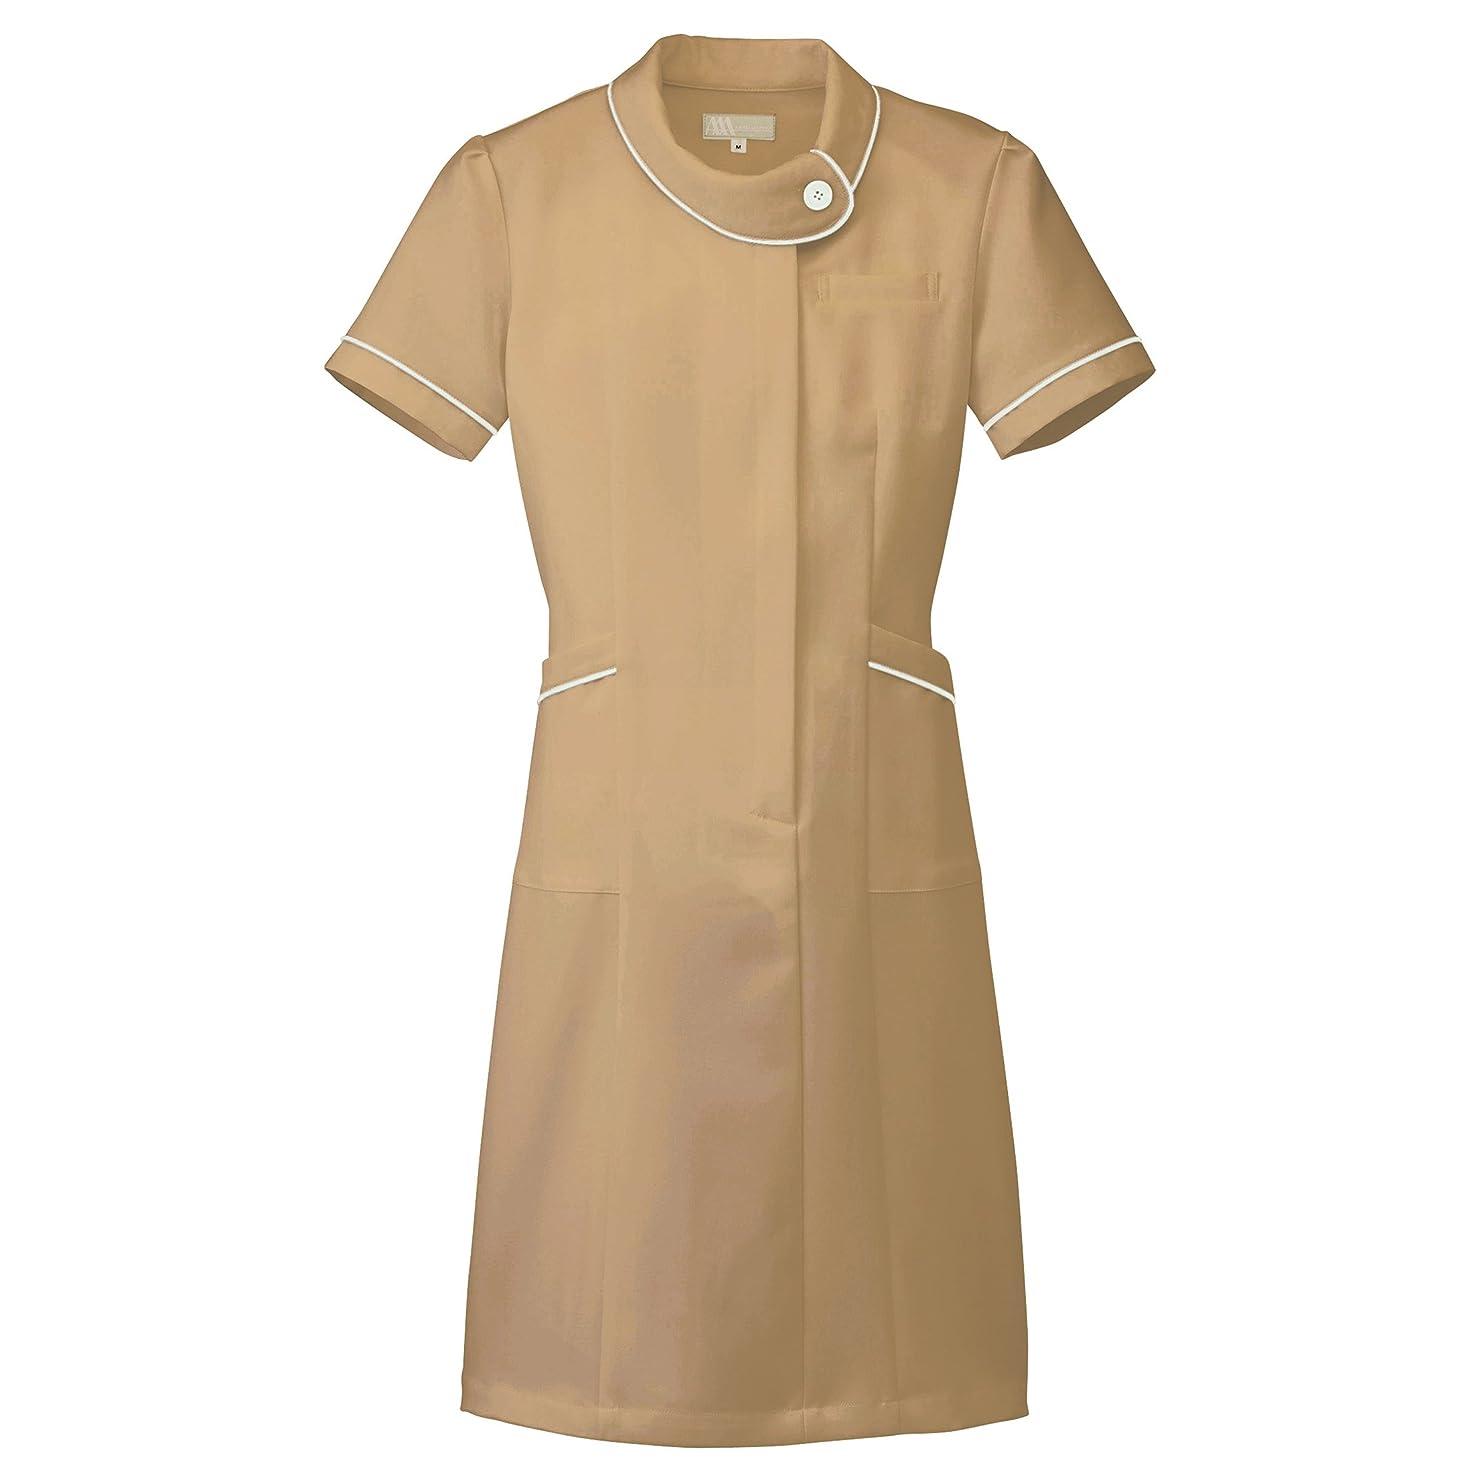 流す食べる幸福【Lumiere】ルミエール ナース 看護師用 女性用 白衣 診察衣 ワンピース (861110) モカ S